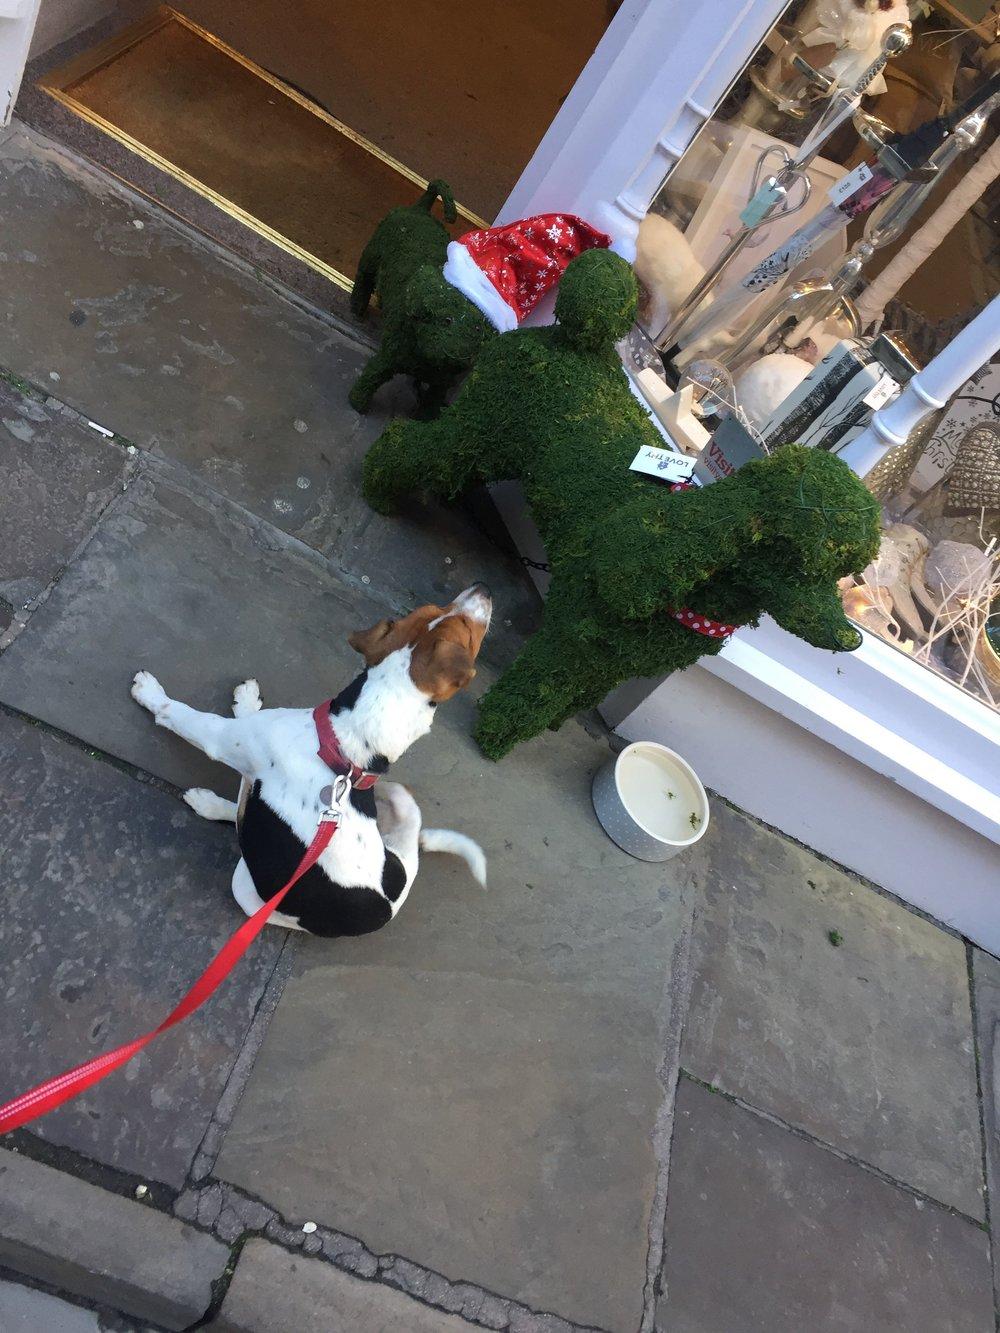 Strange dogs around here Tintin is thinking